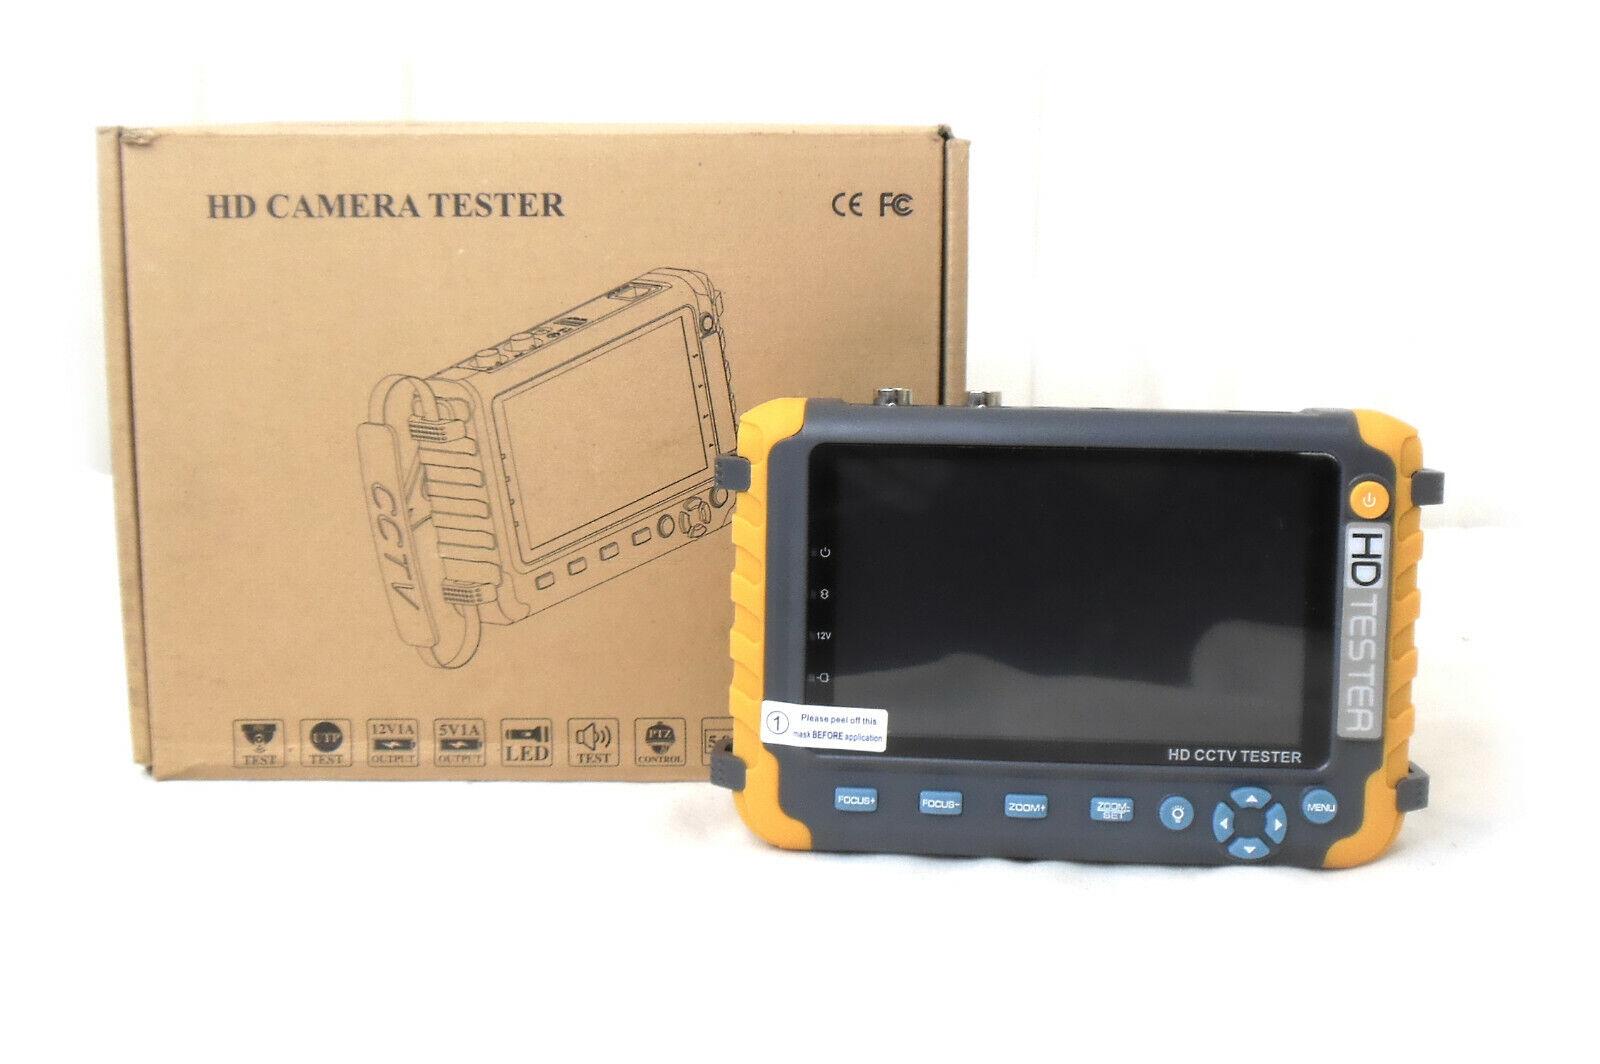 5 Zoll HD CCTV Tester Analoge Überwachungskamera Monitor UTP/HDMI VGA Eingang